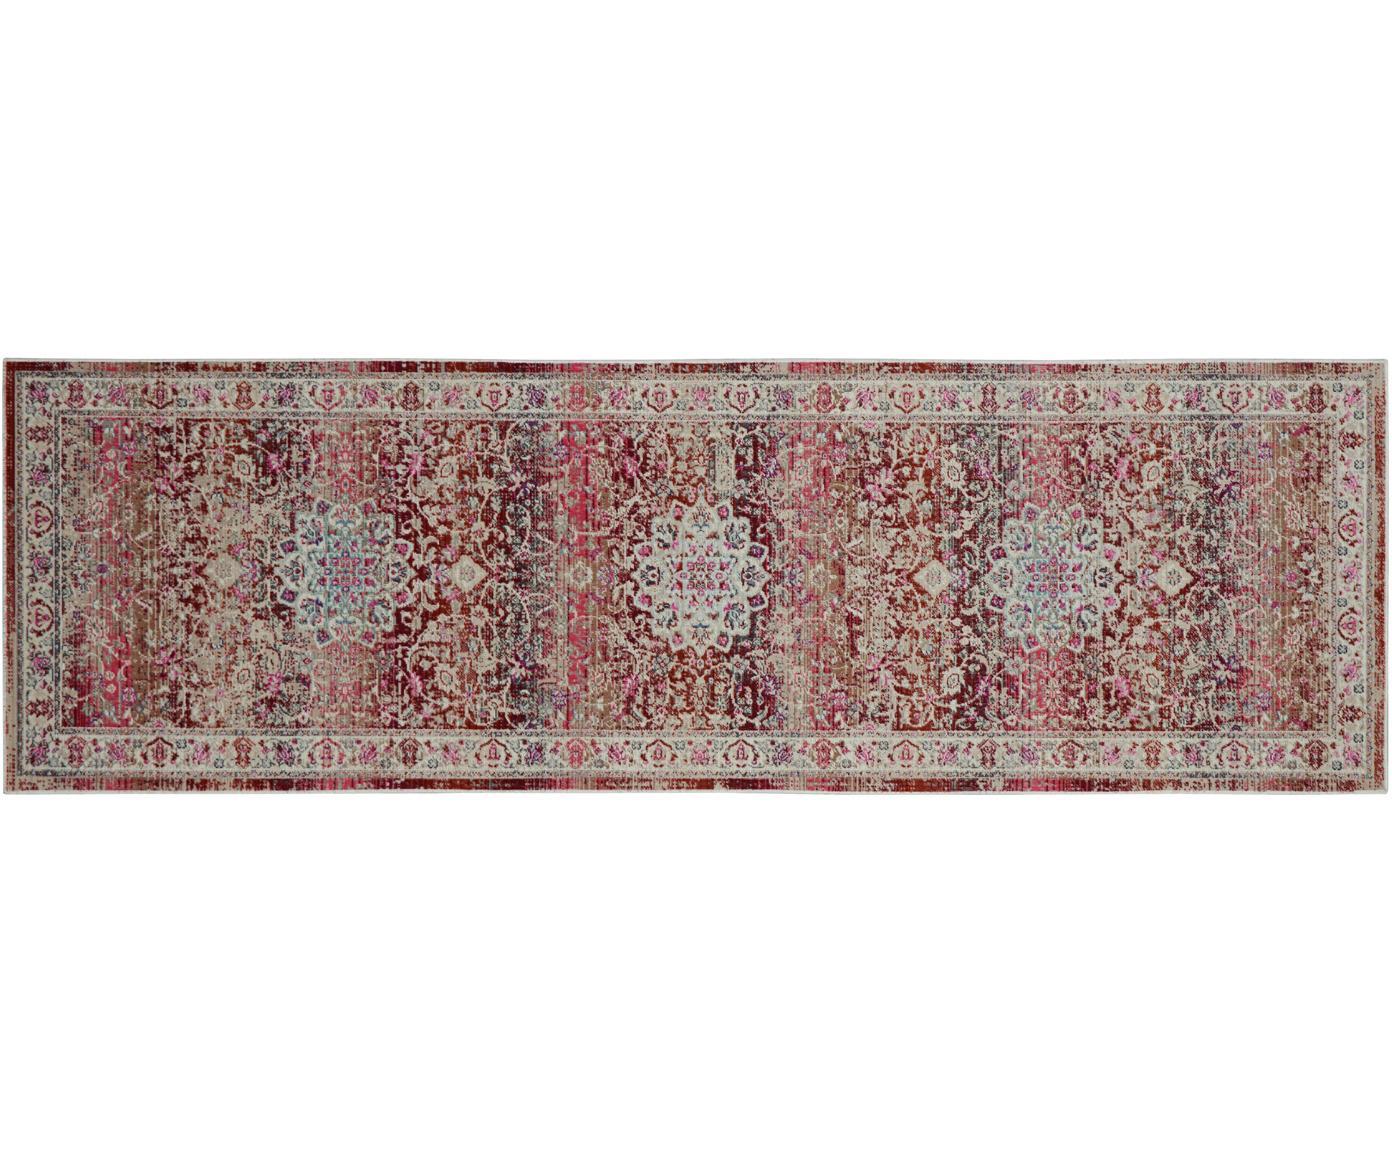 Niederflor-Läufer Kashan Age im Orient Style, Flor: 100% Polypropylen, Beige, Rottöne, 60 x 180 cm